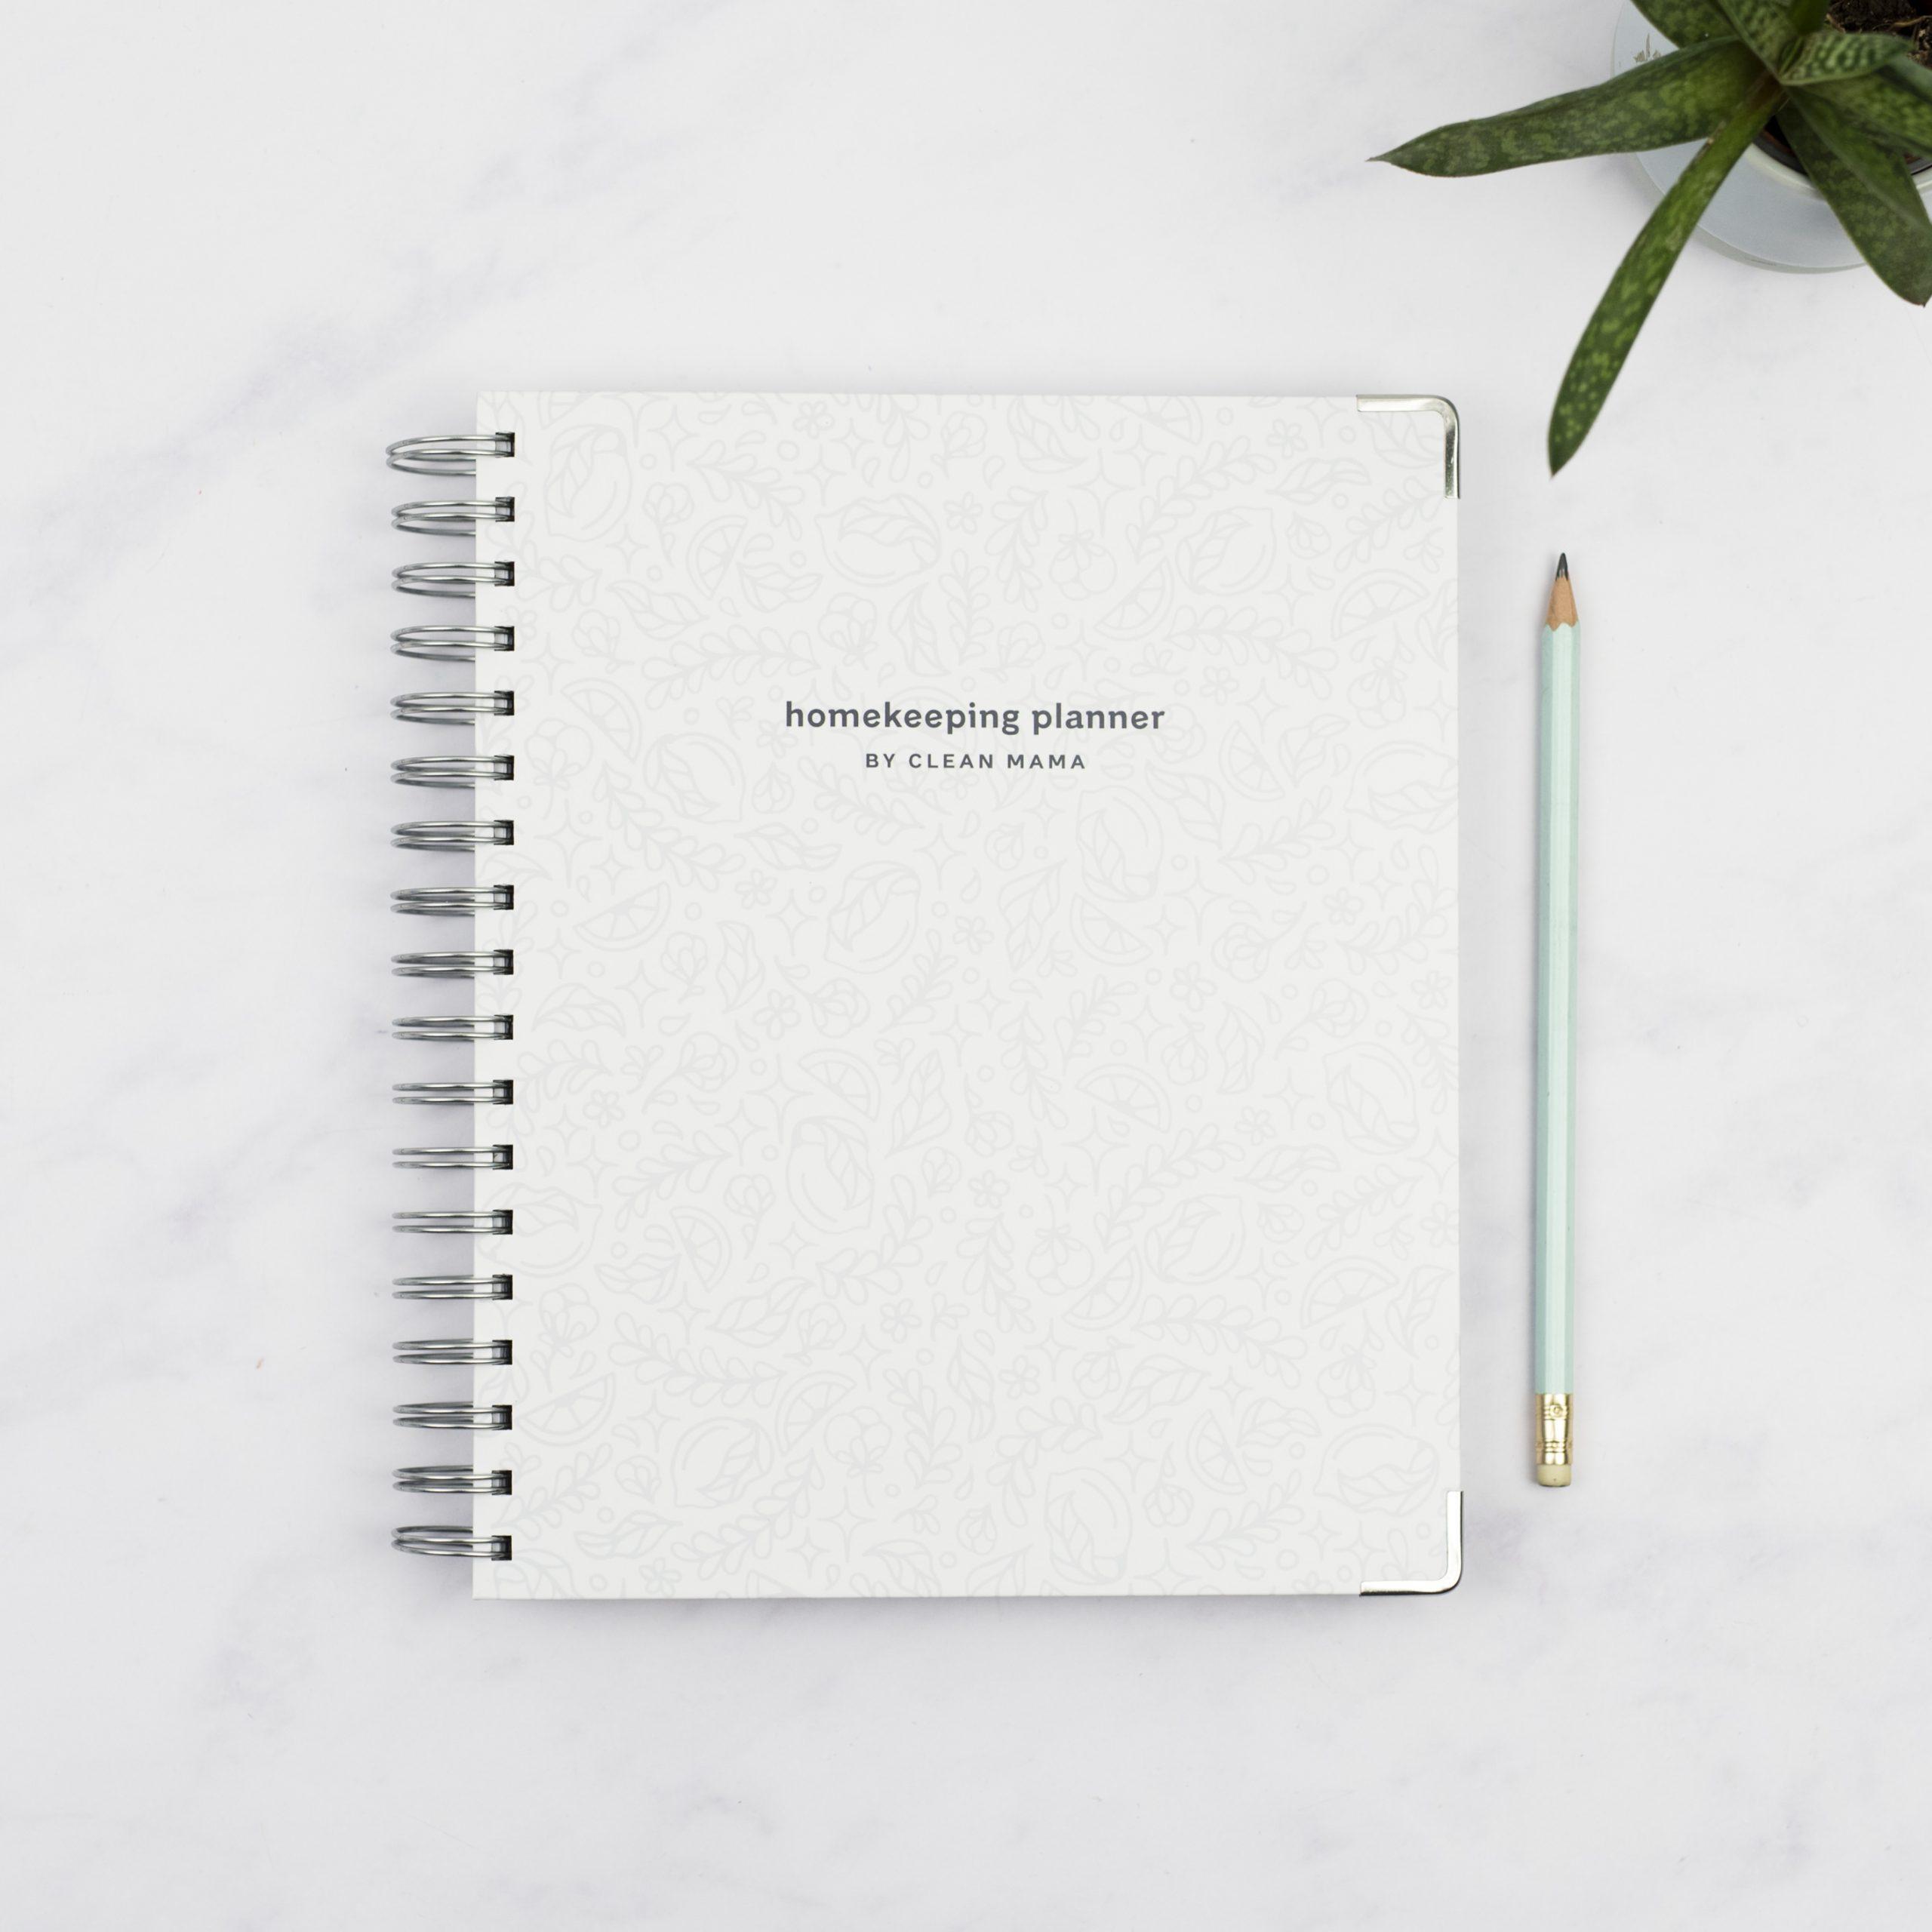 Clean Mama Homekeeping Planner® - great